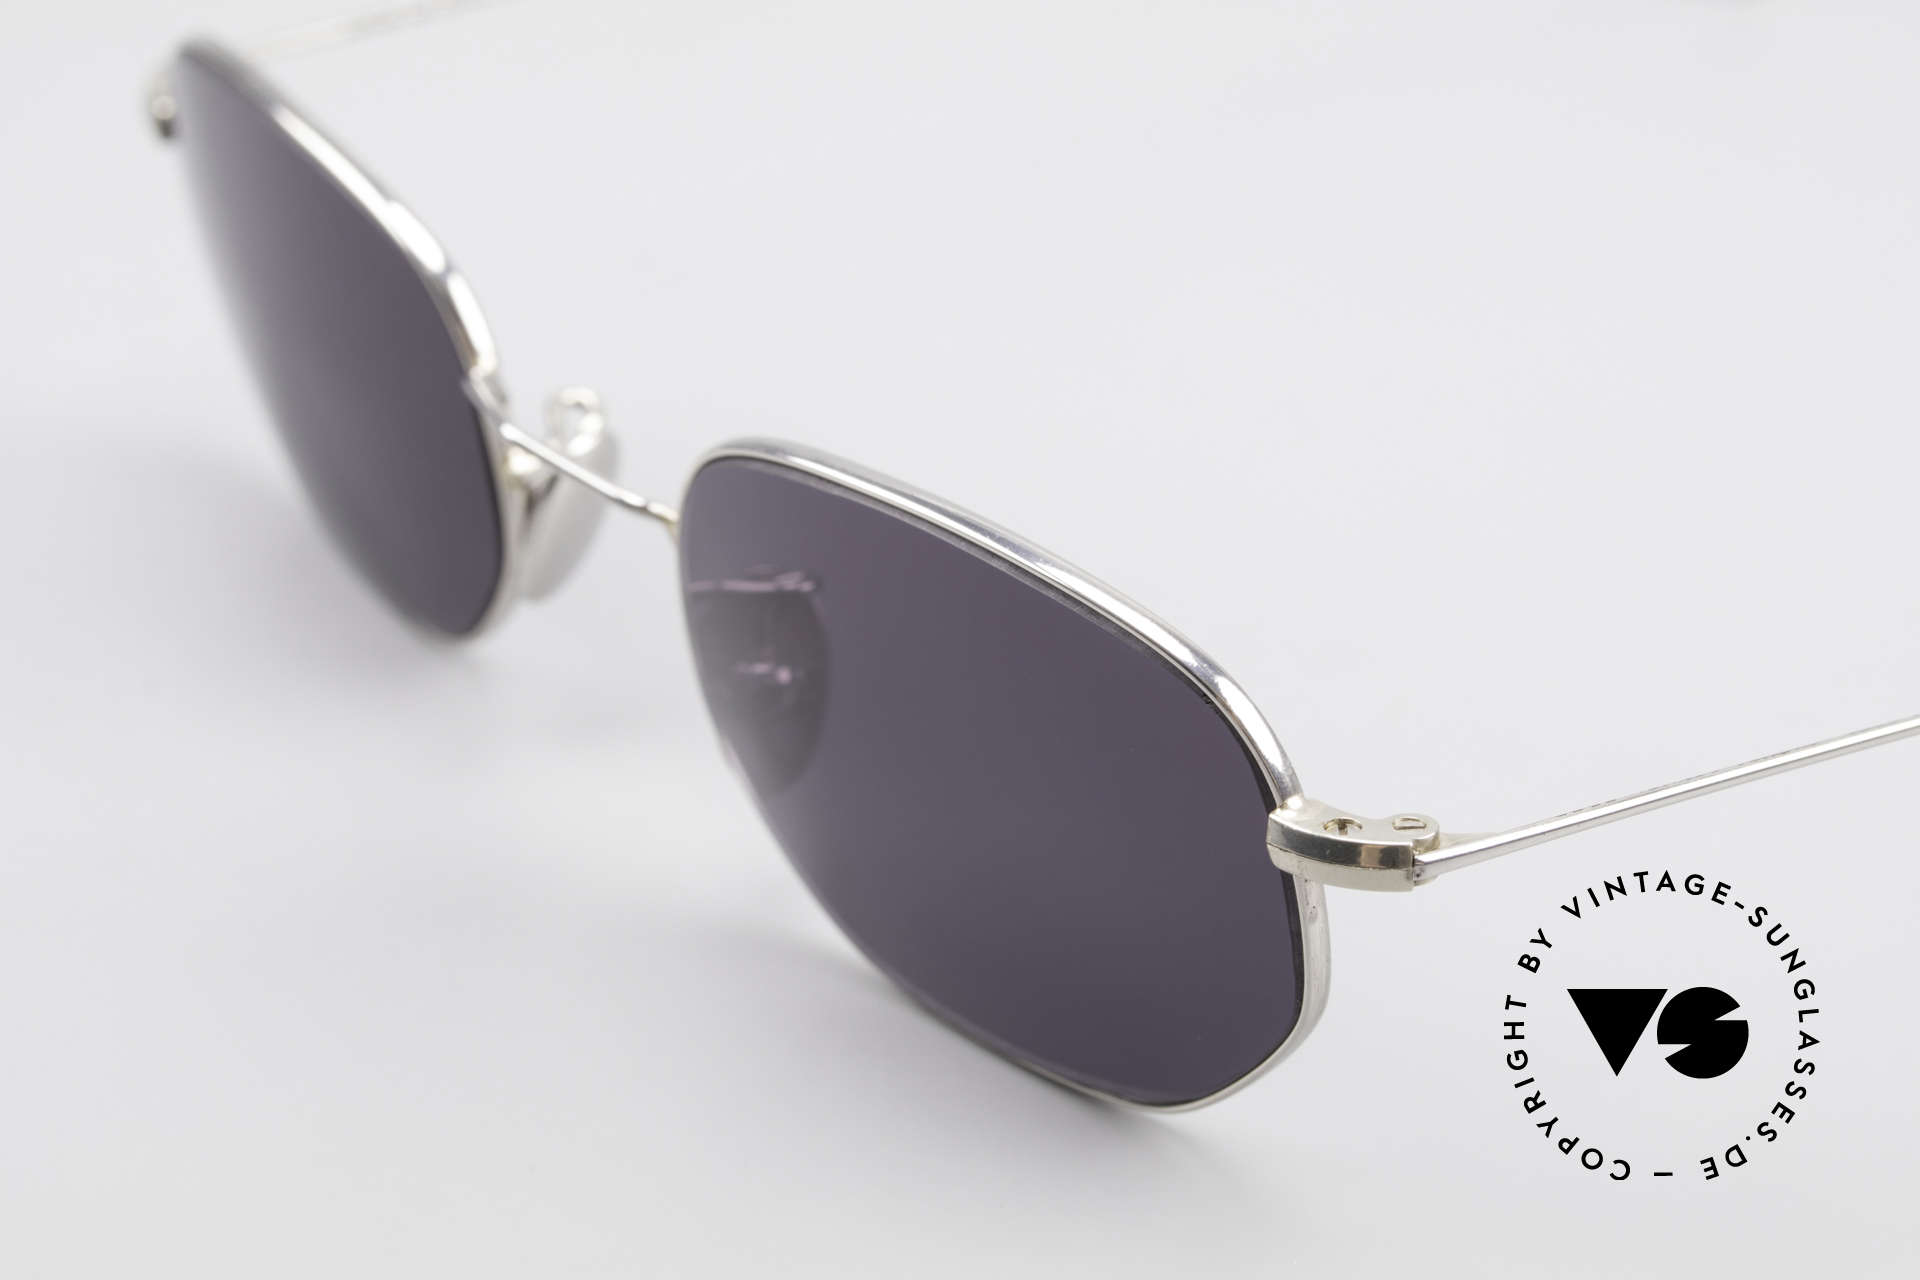 Cutler And Gross 0370 Klassische Sonnenbrille Unisex, außergewöhnliche Rahmenform = eine UNISEX Brille, Passend für Herren und Damen